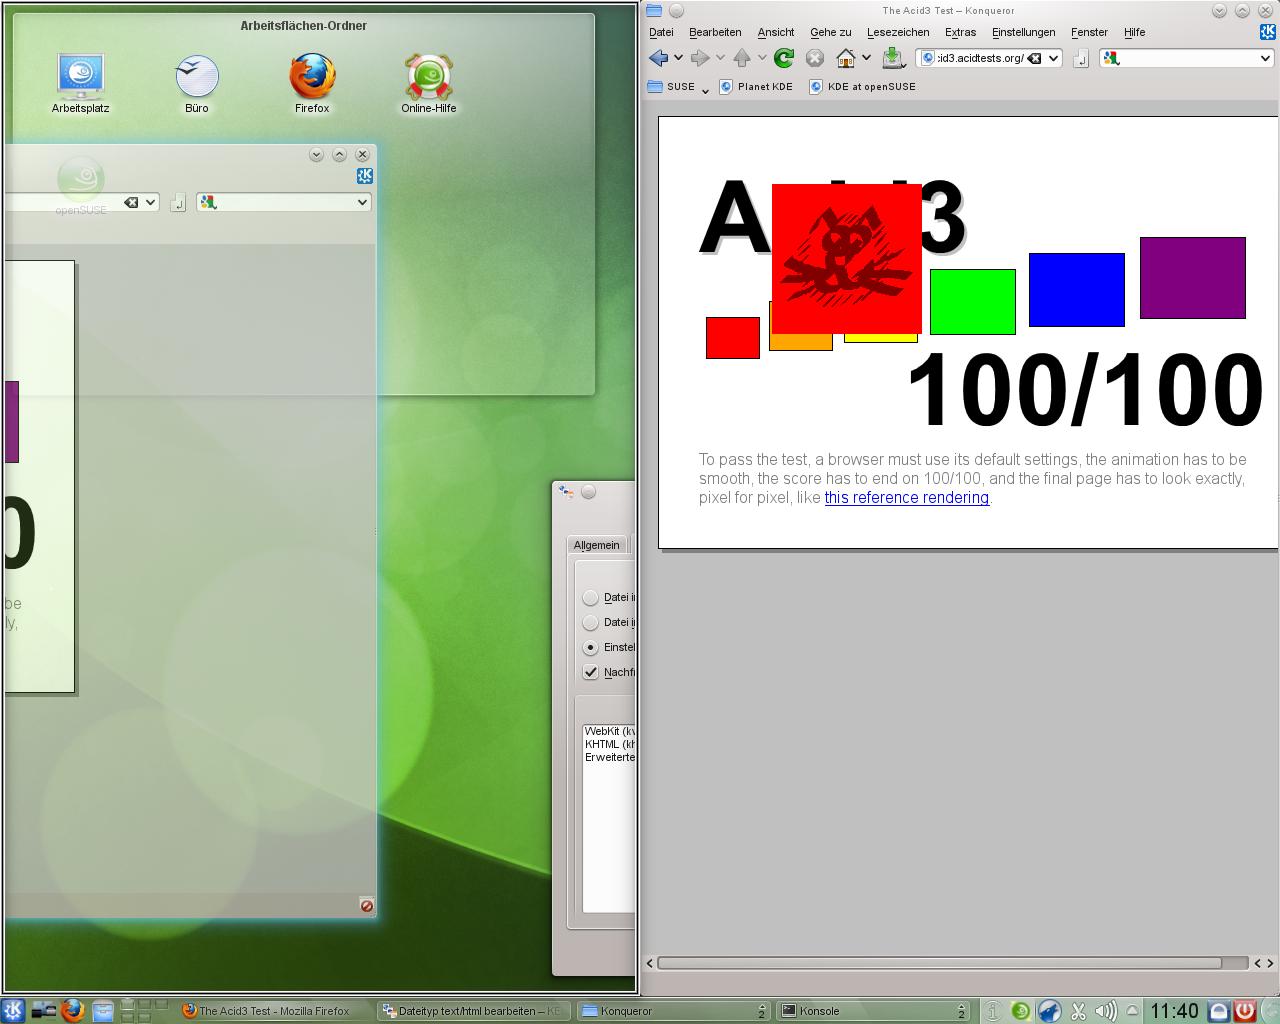 KDE SC 4.5: Neue KWin-Effekte und verbessertes Benachrichtigungsfeld - Der Fenster-Manager Kwin wurde mit einer Tiling-Funktion ausgestattet, die Fenster nebeneinander platziert.